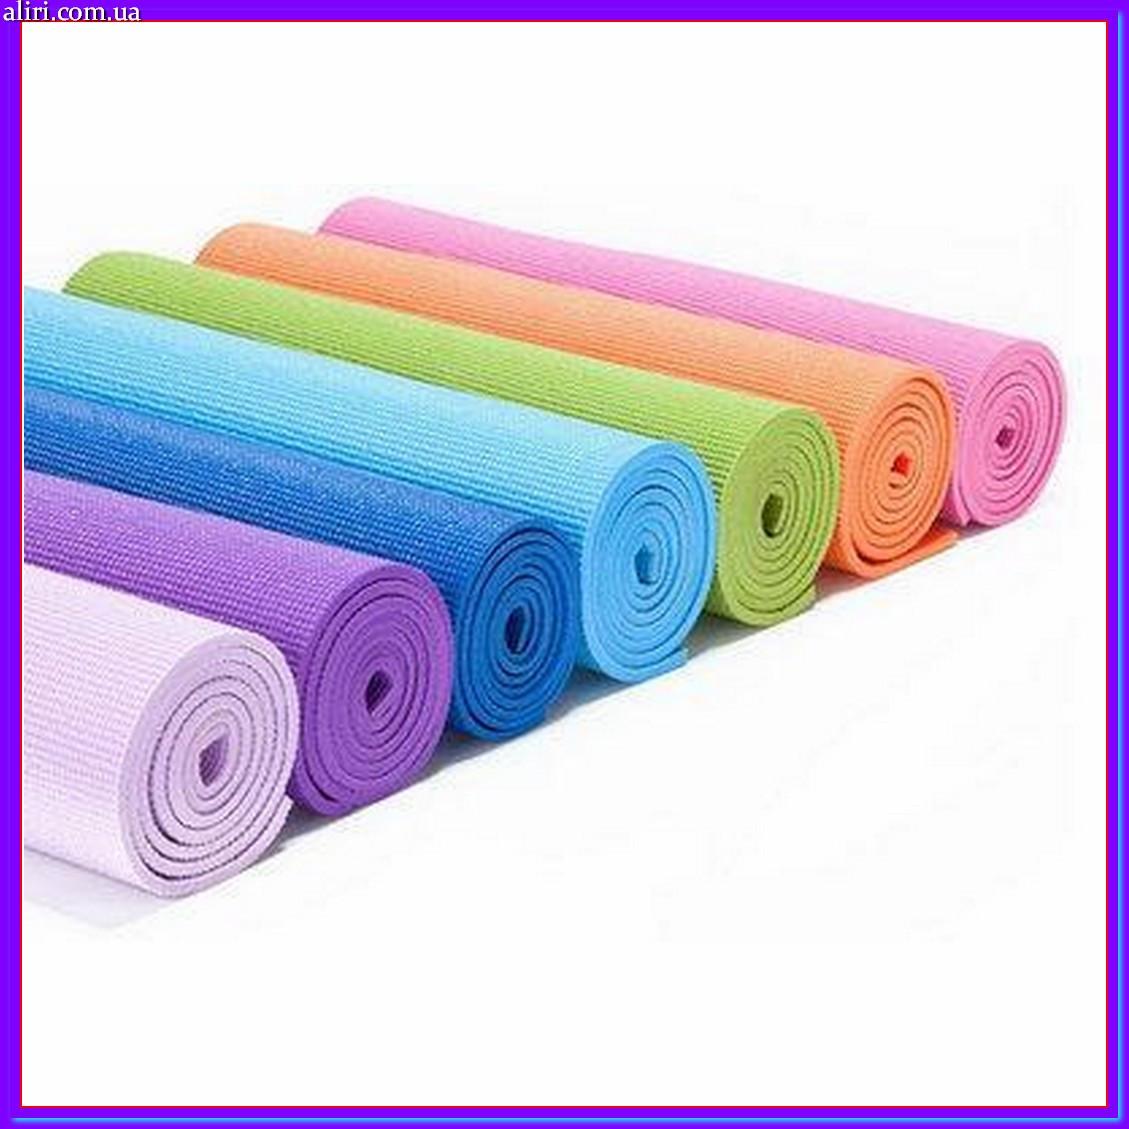 Коврик для йоги и фитнеса MS1847, йогомат в ассортименте